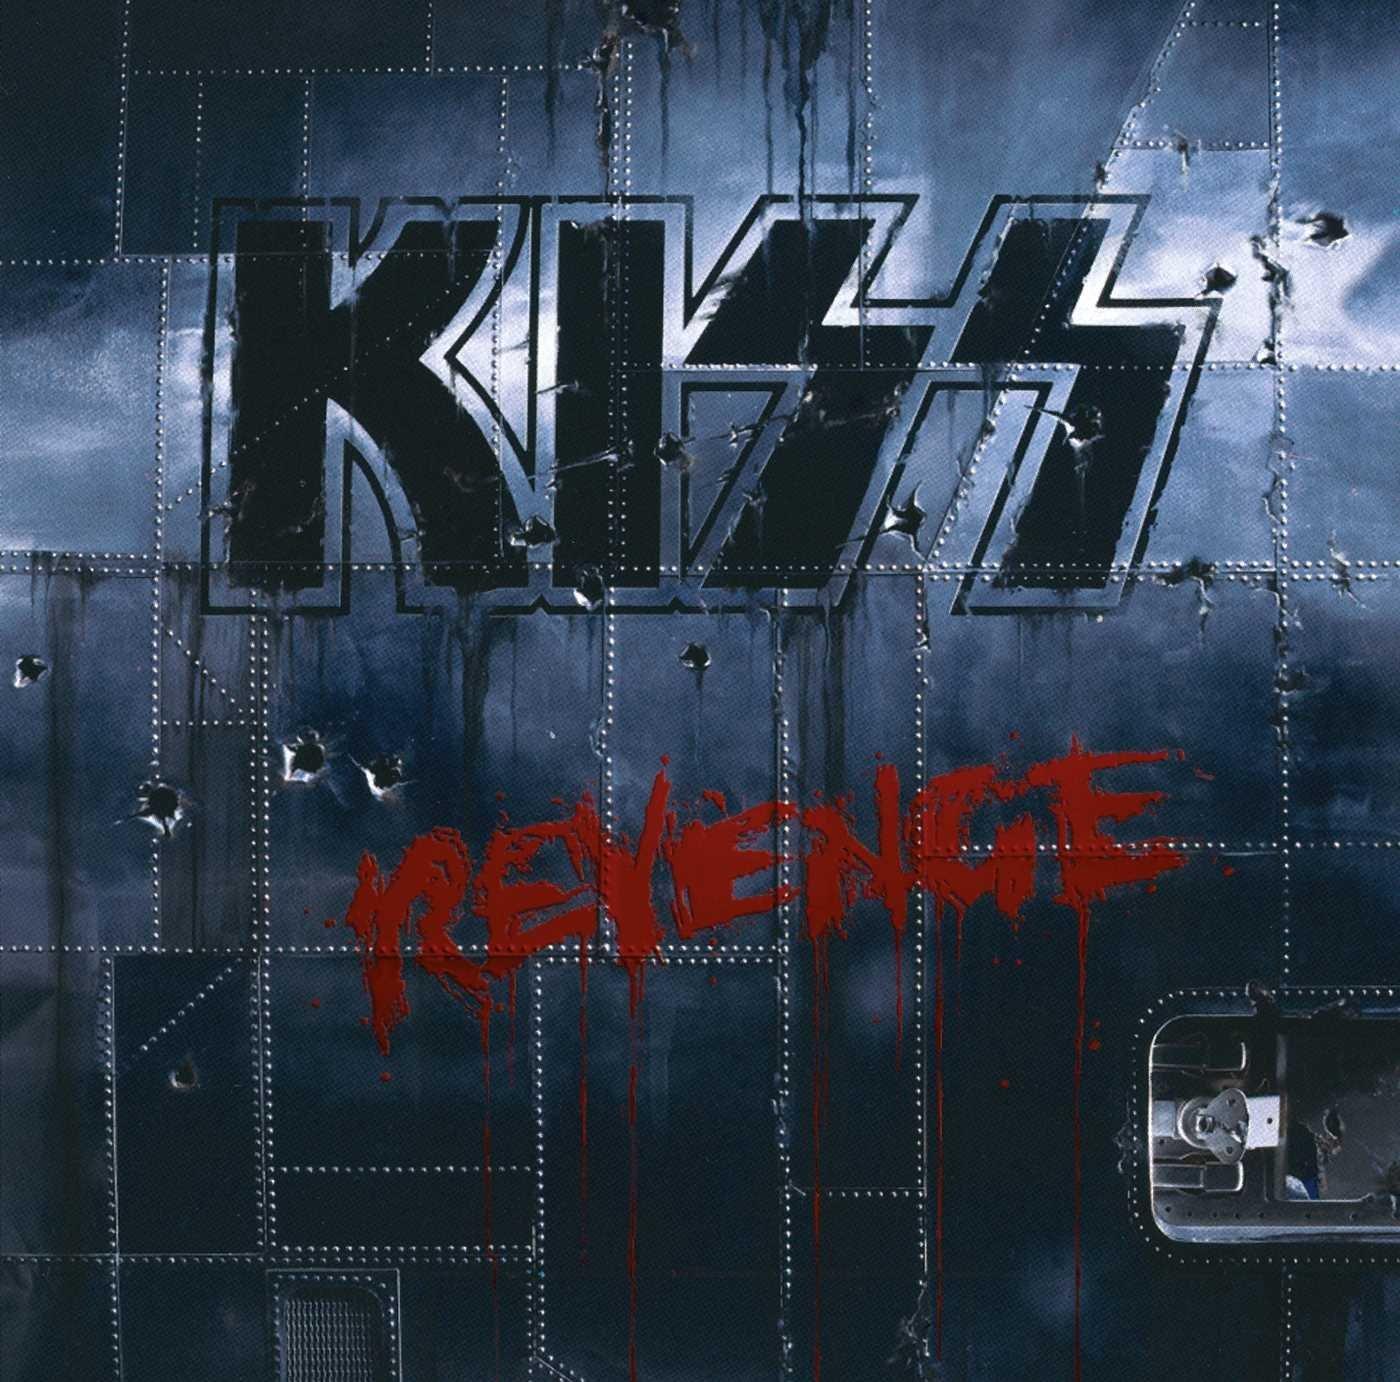 File:Kiss revenge cover.jpg